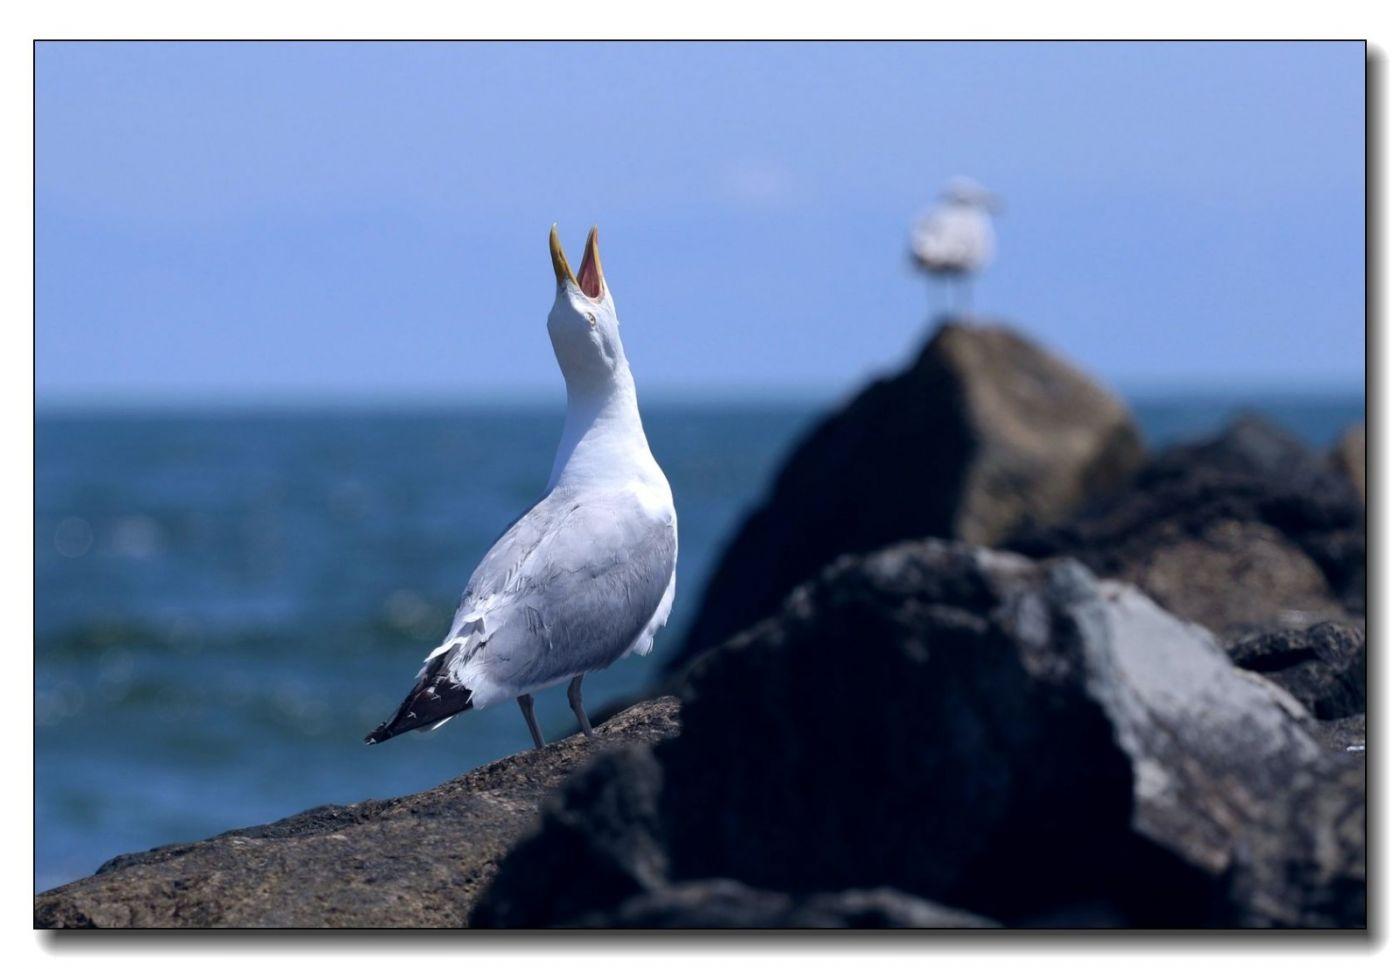 洛克威海滩拍鸟-银鸥_图1-8